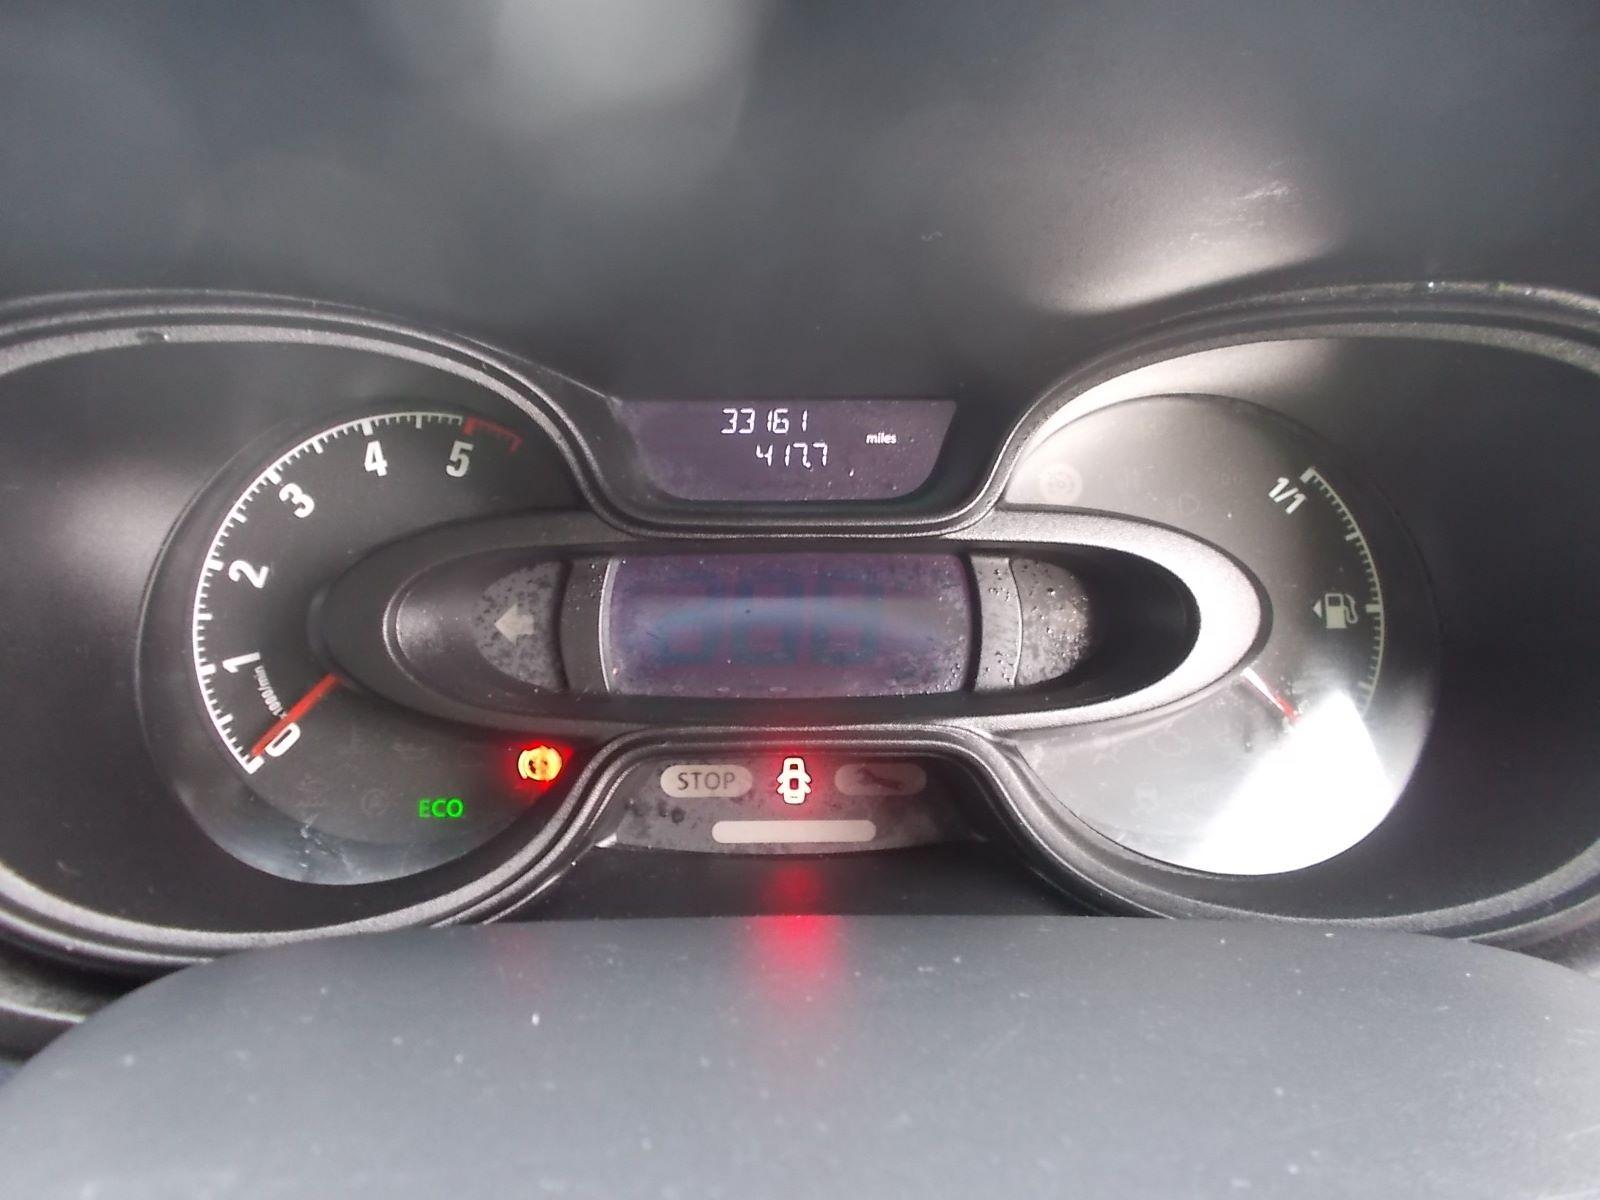 2017 Vauxhall Vivaro L2 H1 2900 1.6CDTI 120PS EURO 6 (DV17FNH) Image 16